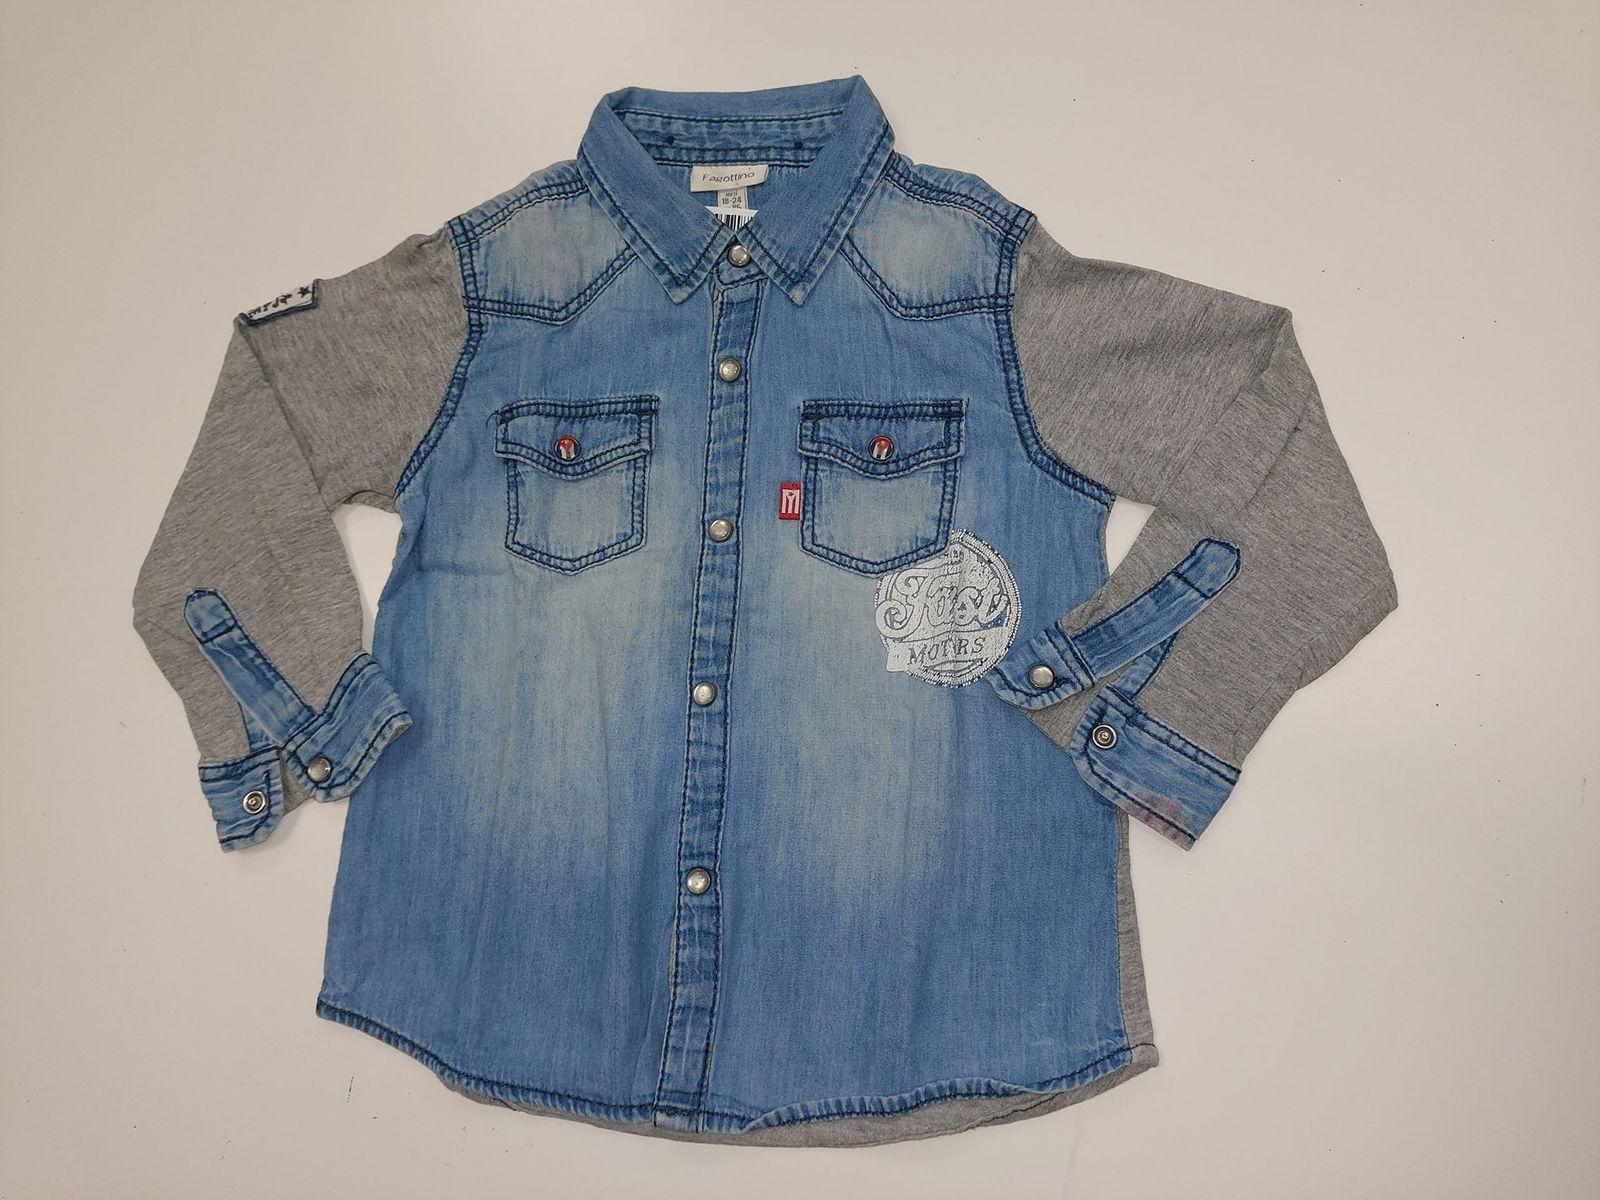 Fagottino camicia di jeans 18/24mesi  € 8,90 13976